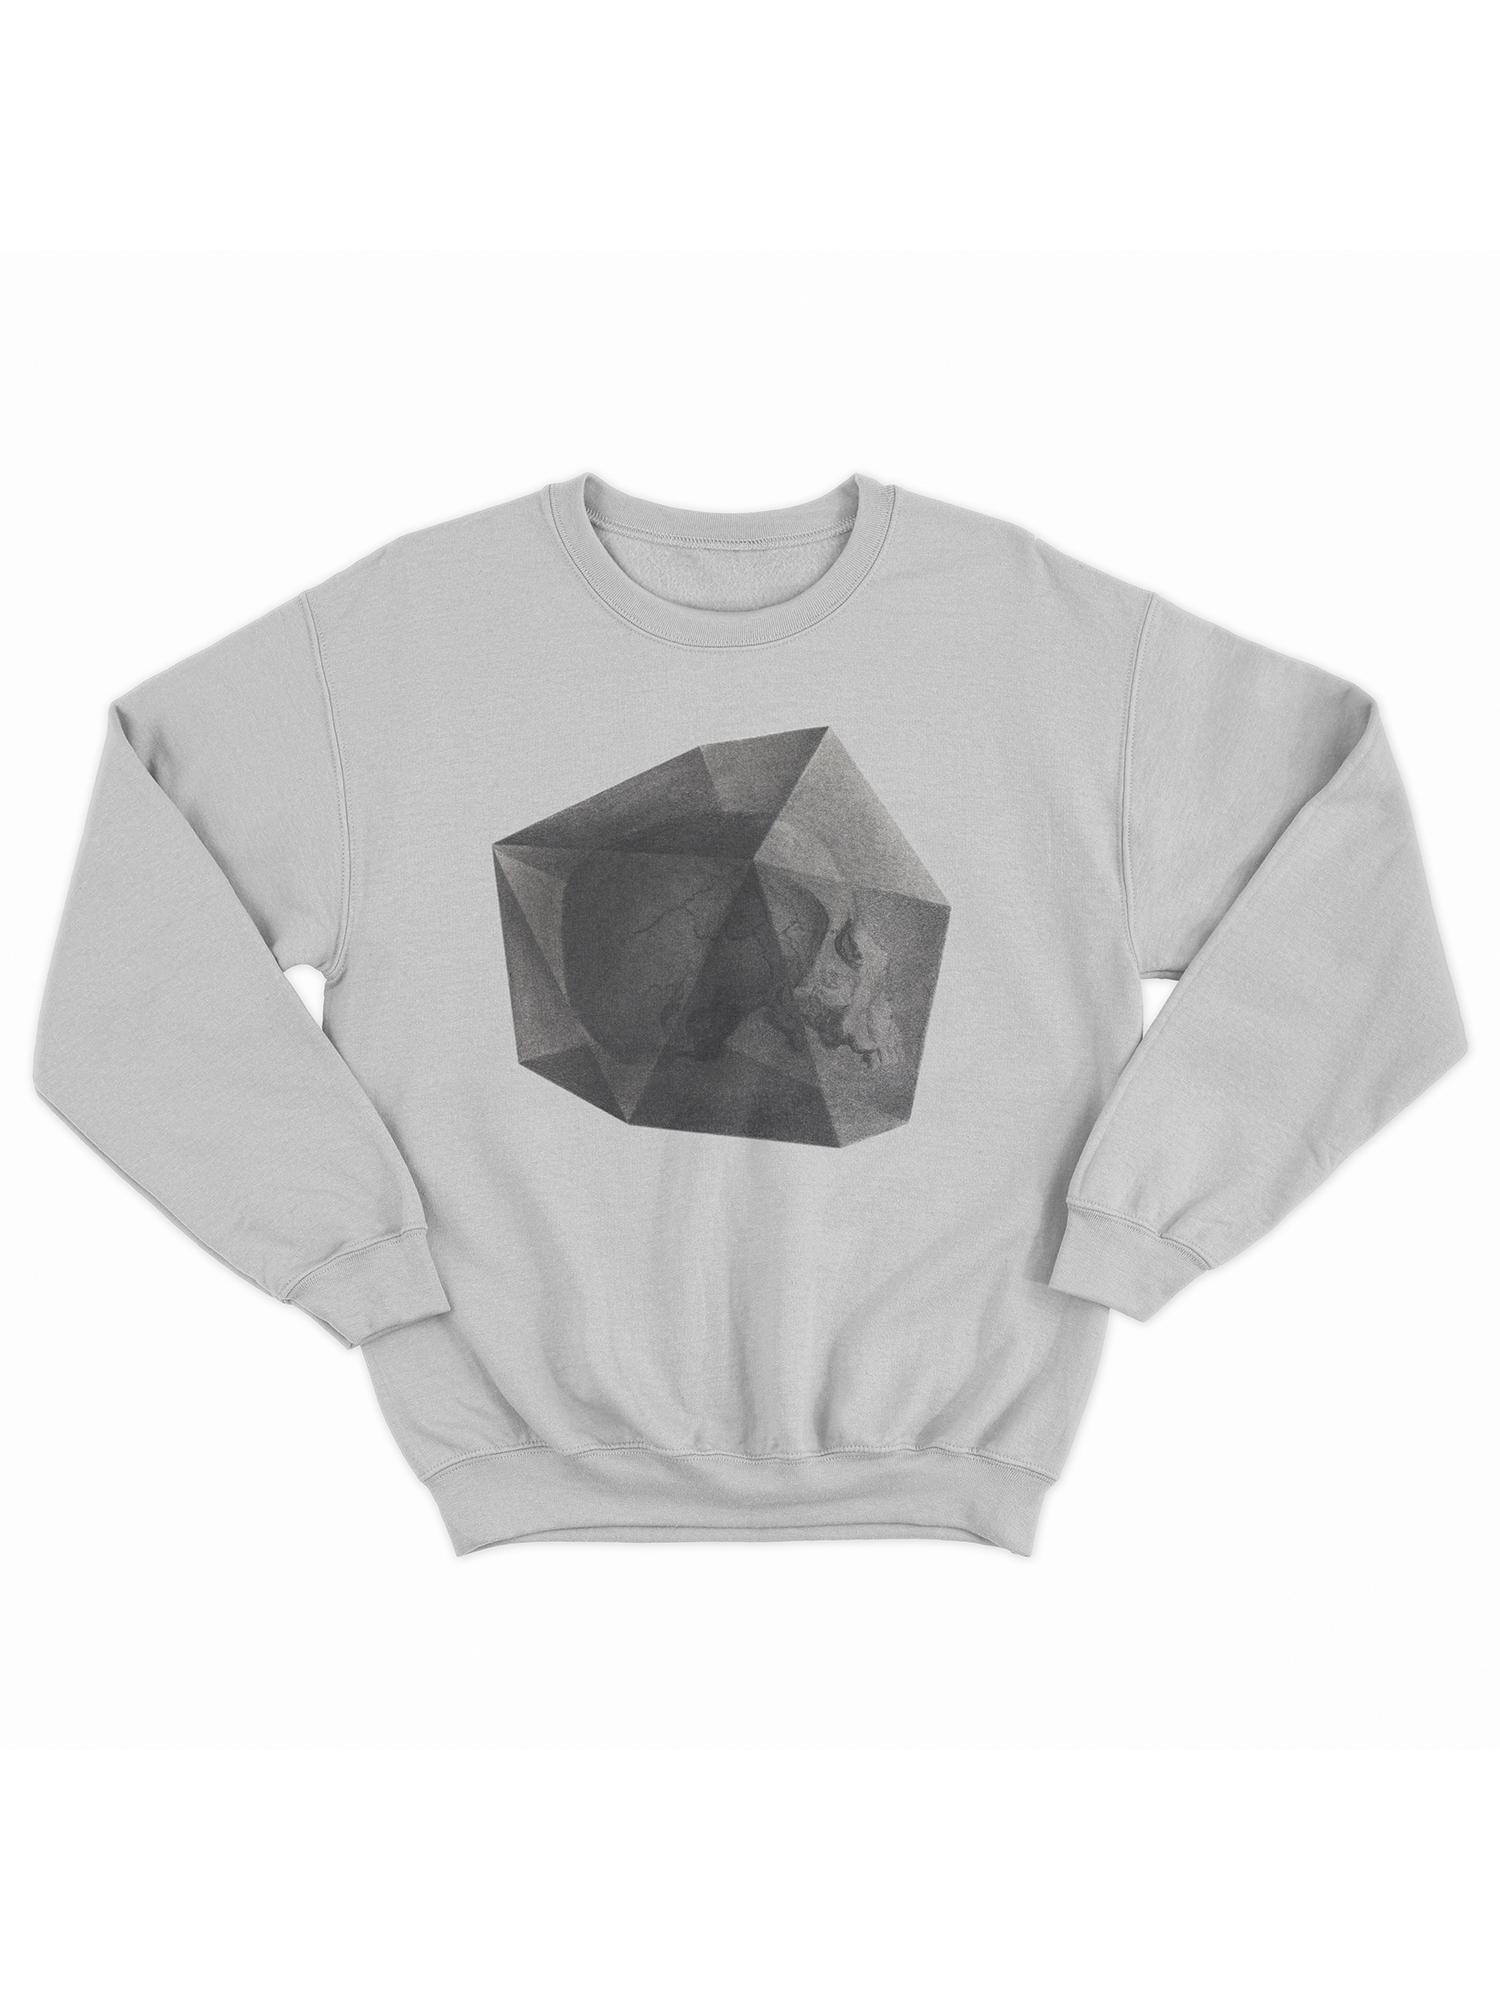 Crystal Skull_sweater.jpg